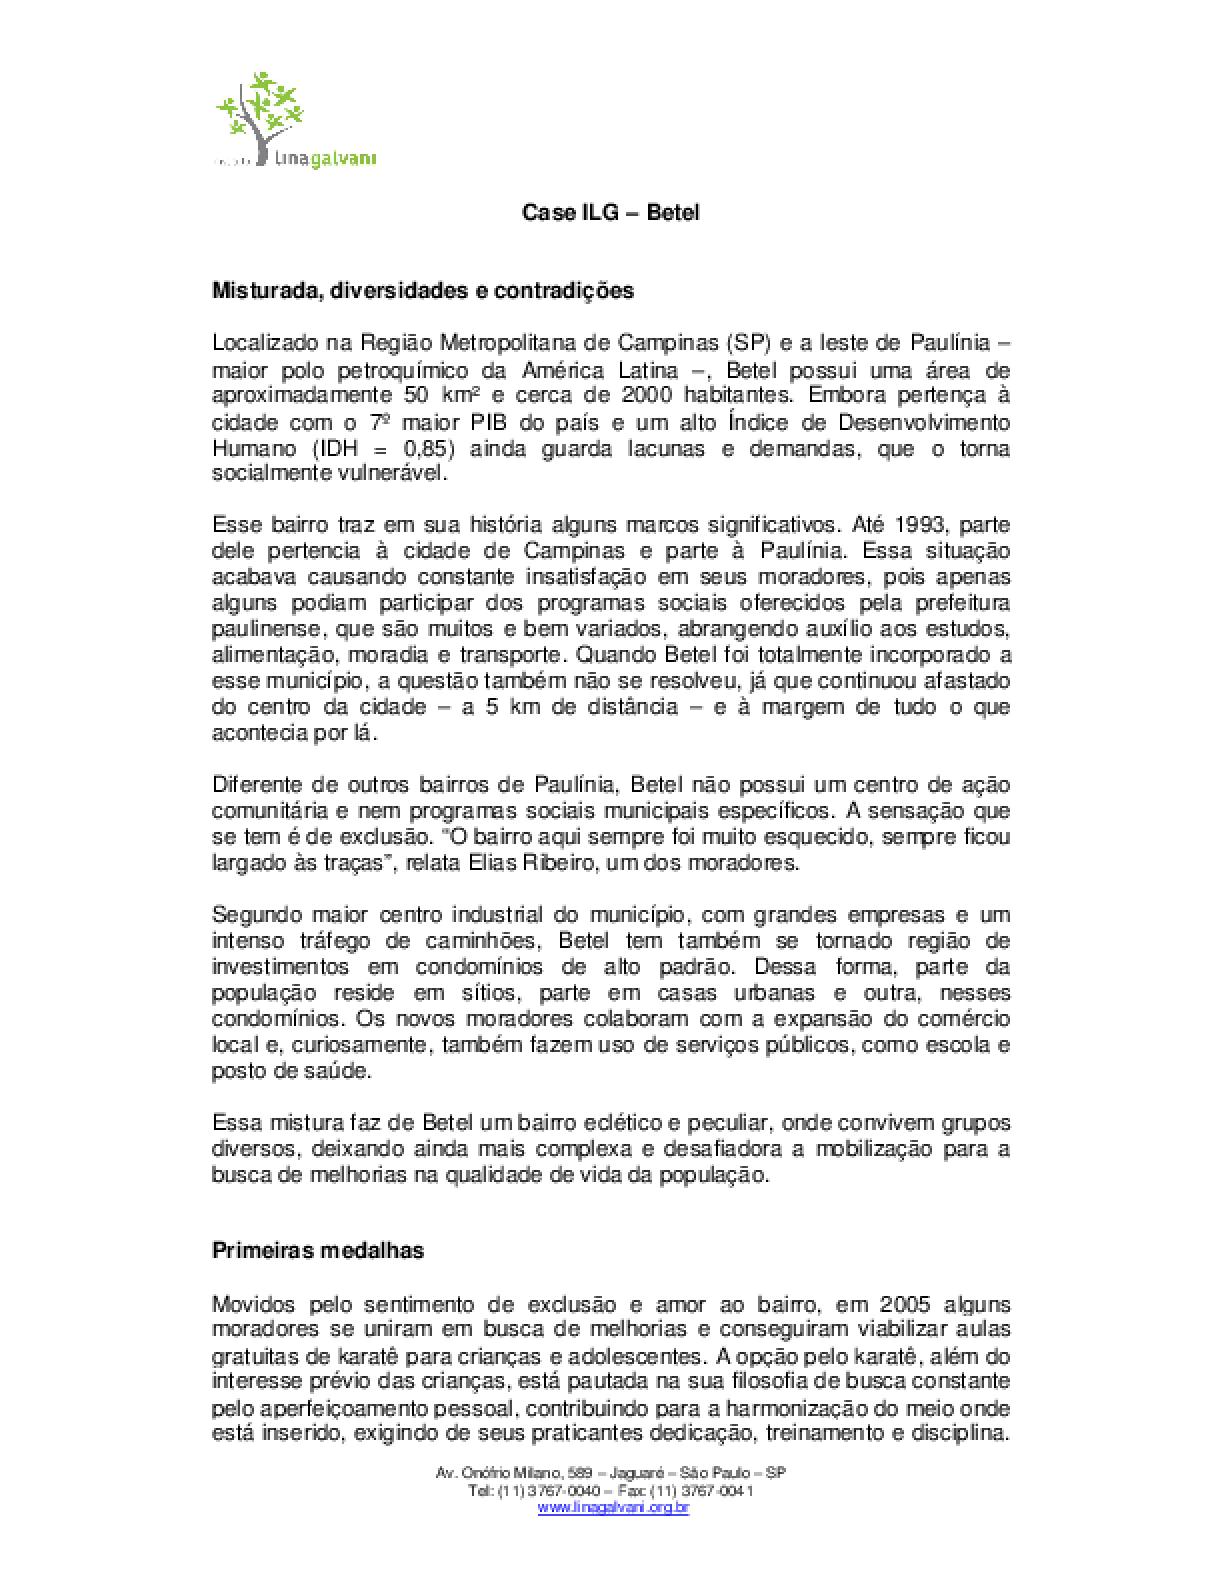 Instituto Lina Galvani: case Betel